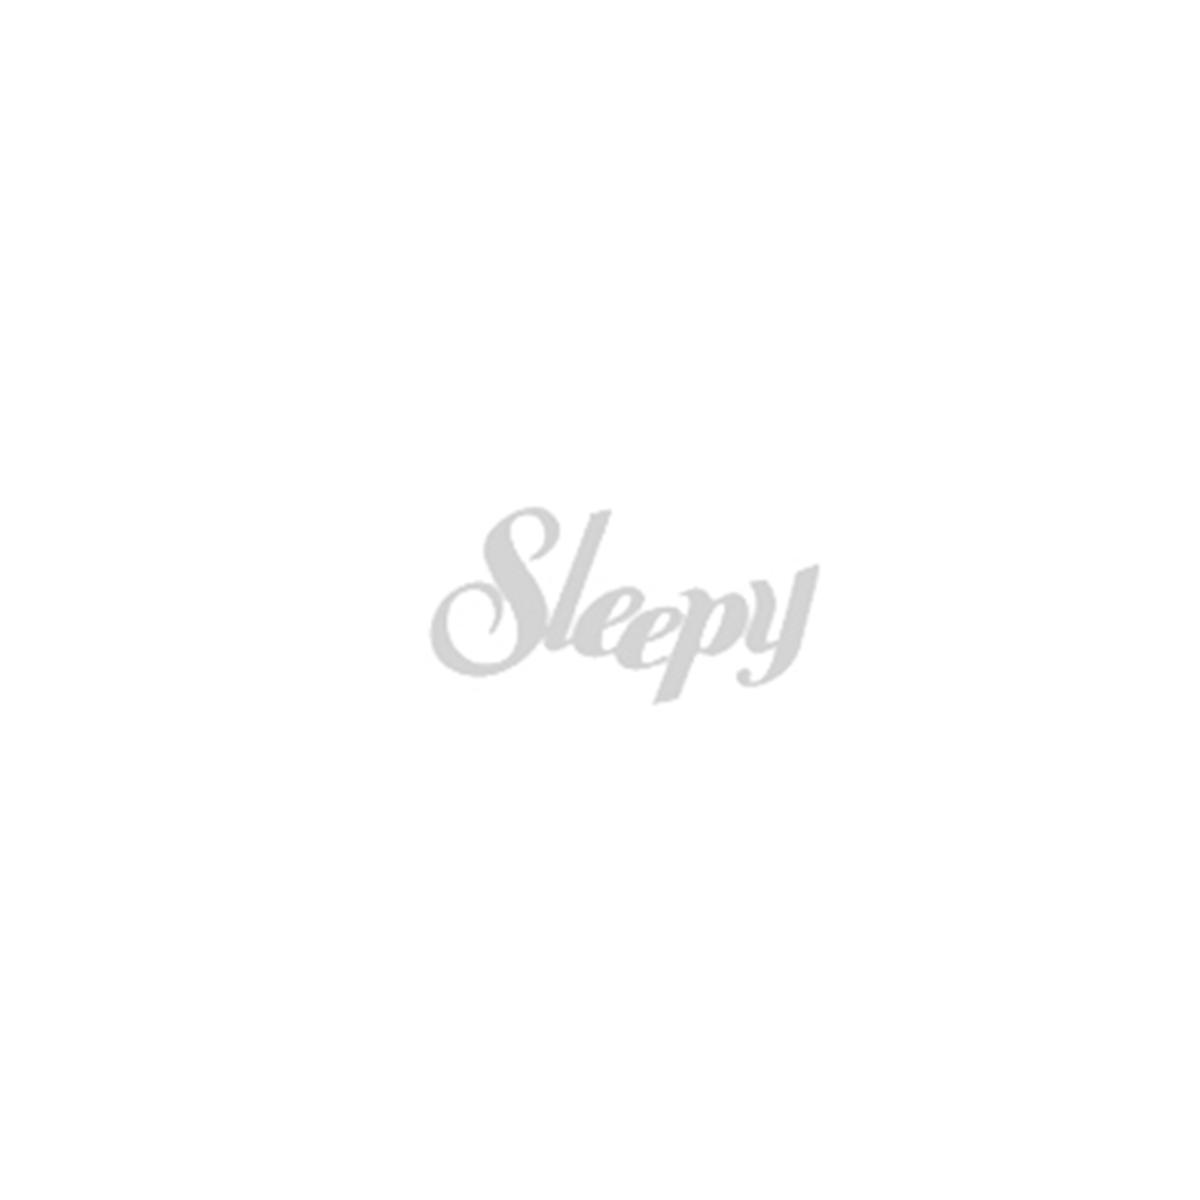 Sleepy Mayo Külot Bez 3 Numara Midi 2'Lİ PAKET